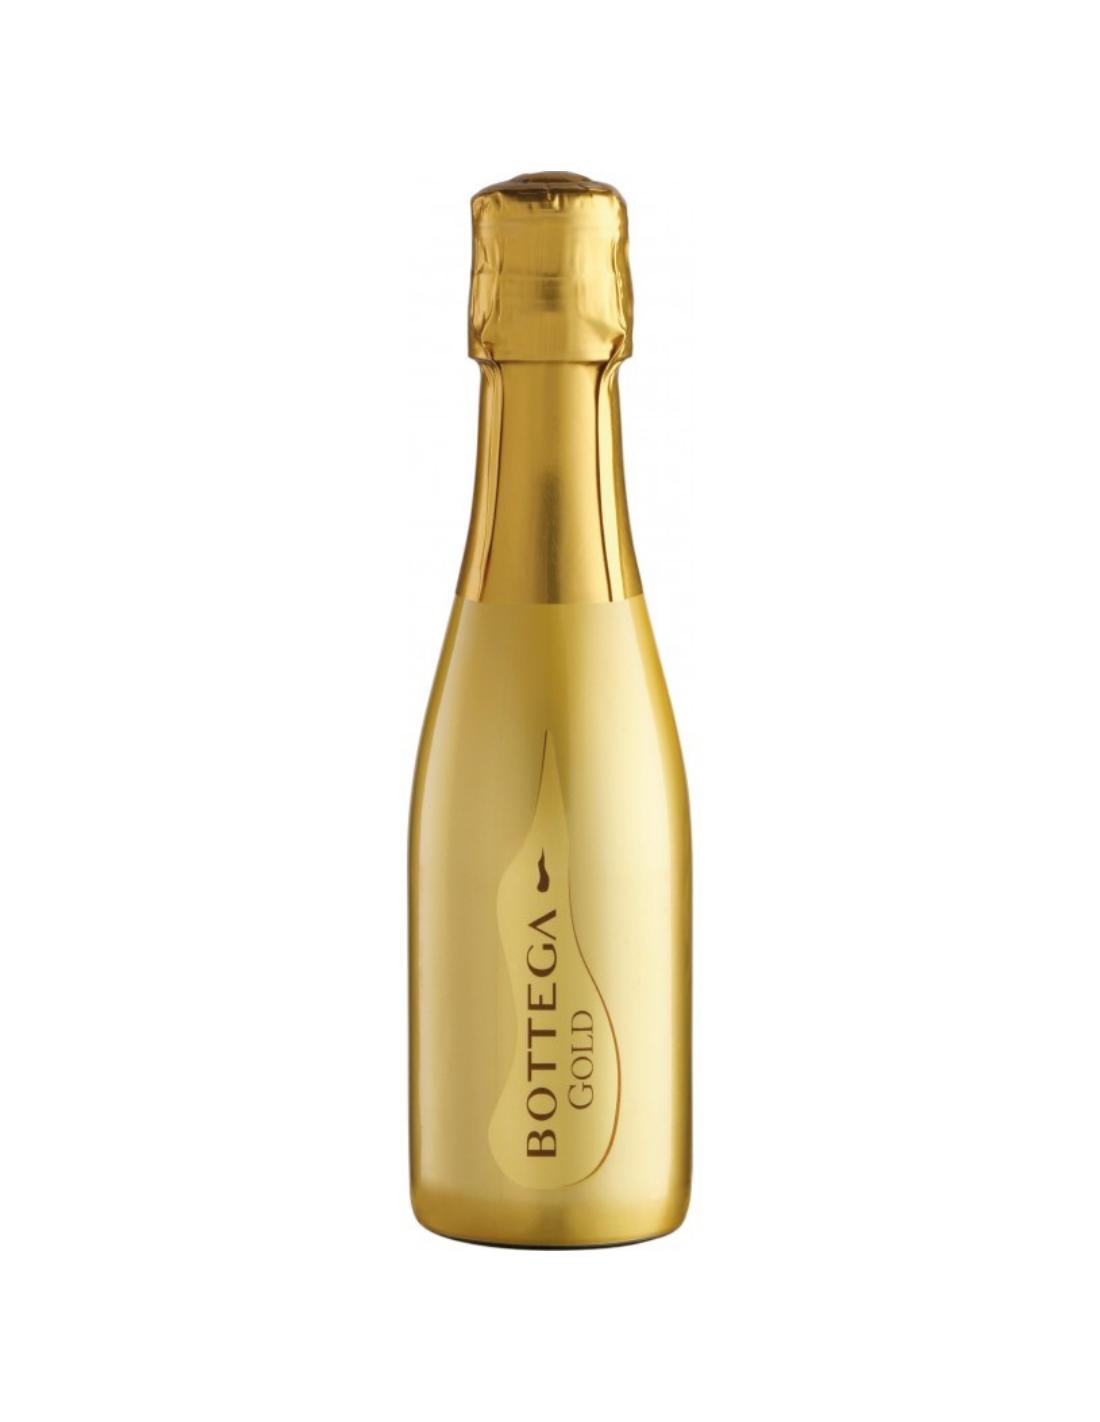 Vin prosecco, Bottega Gold, 11% alc, 0.2L, Italia